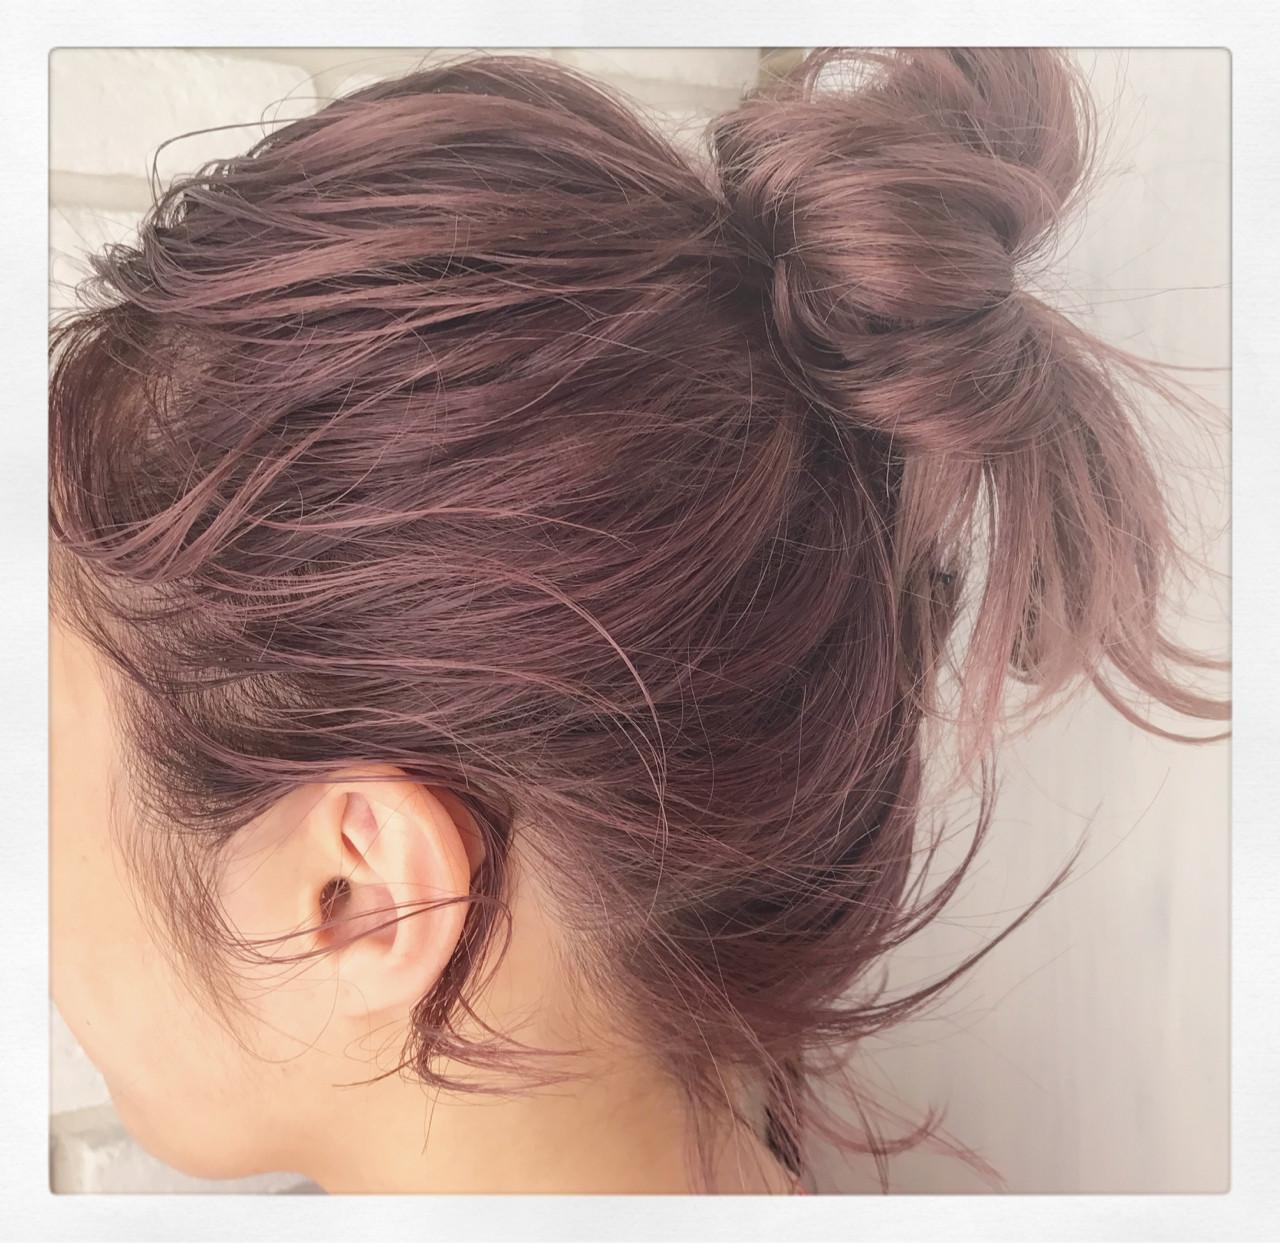 ピンク ピンクアッシュ 簡単ヘアアレンジ ボブ ヘアスタイルや髪型の写真・画像 | 一色 さおり / LOAVE AOYAMA(ローブ アオヤマ)